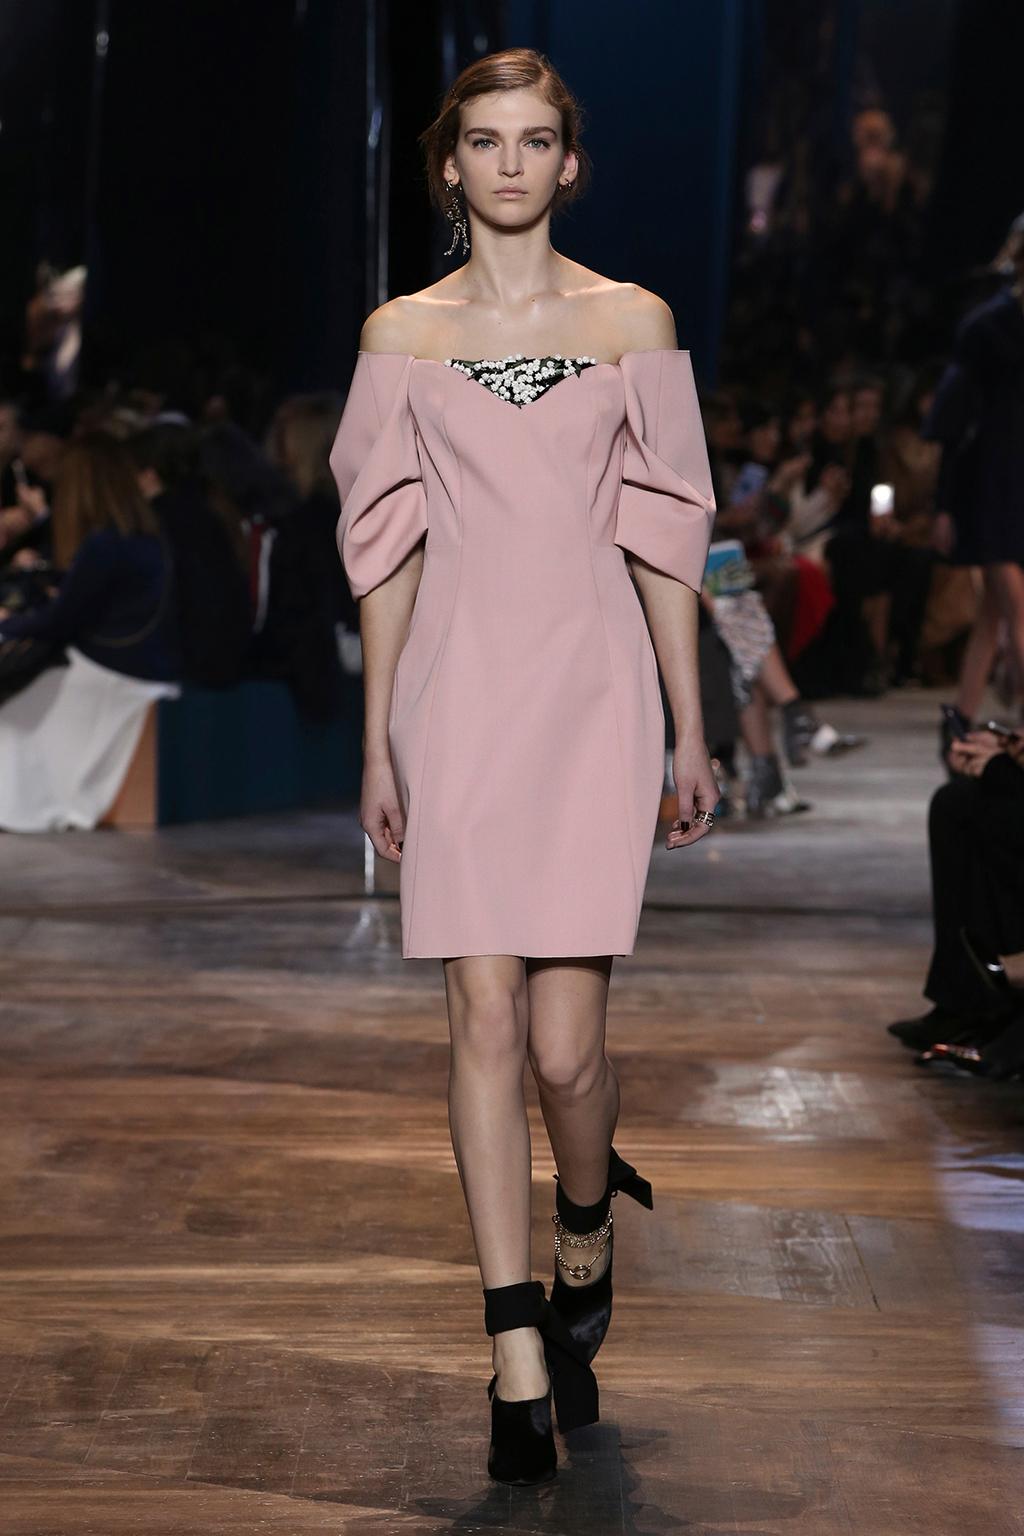 Dior-Couture-Silhouette-23